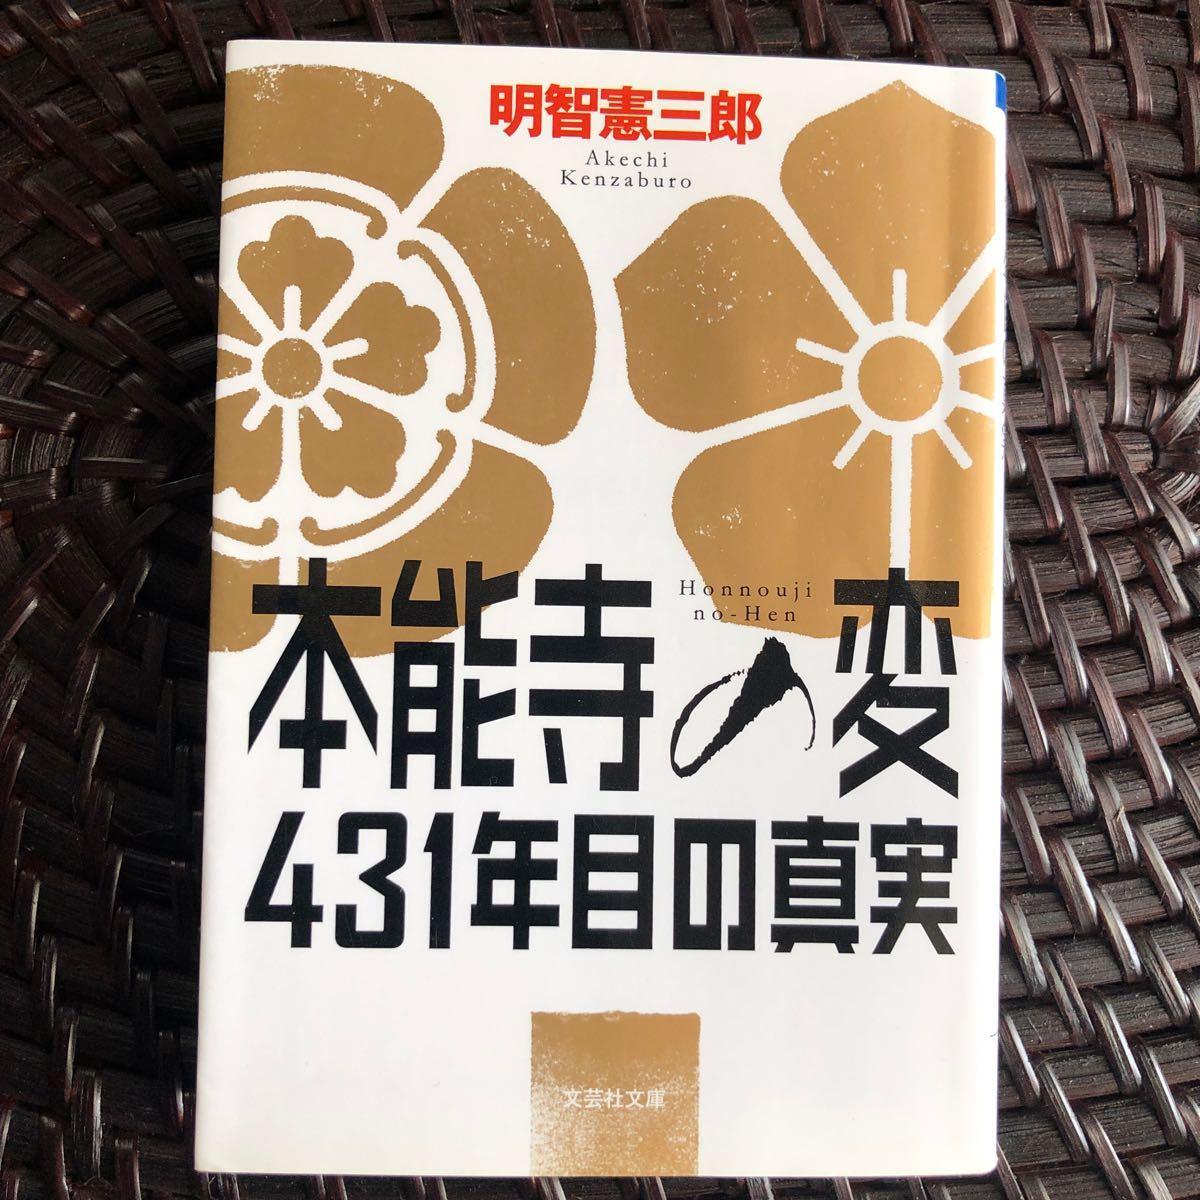 本能寺の変 431年目の真実 文芸社文庫/明智憲三郎 【著】